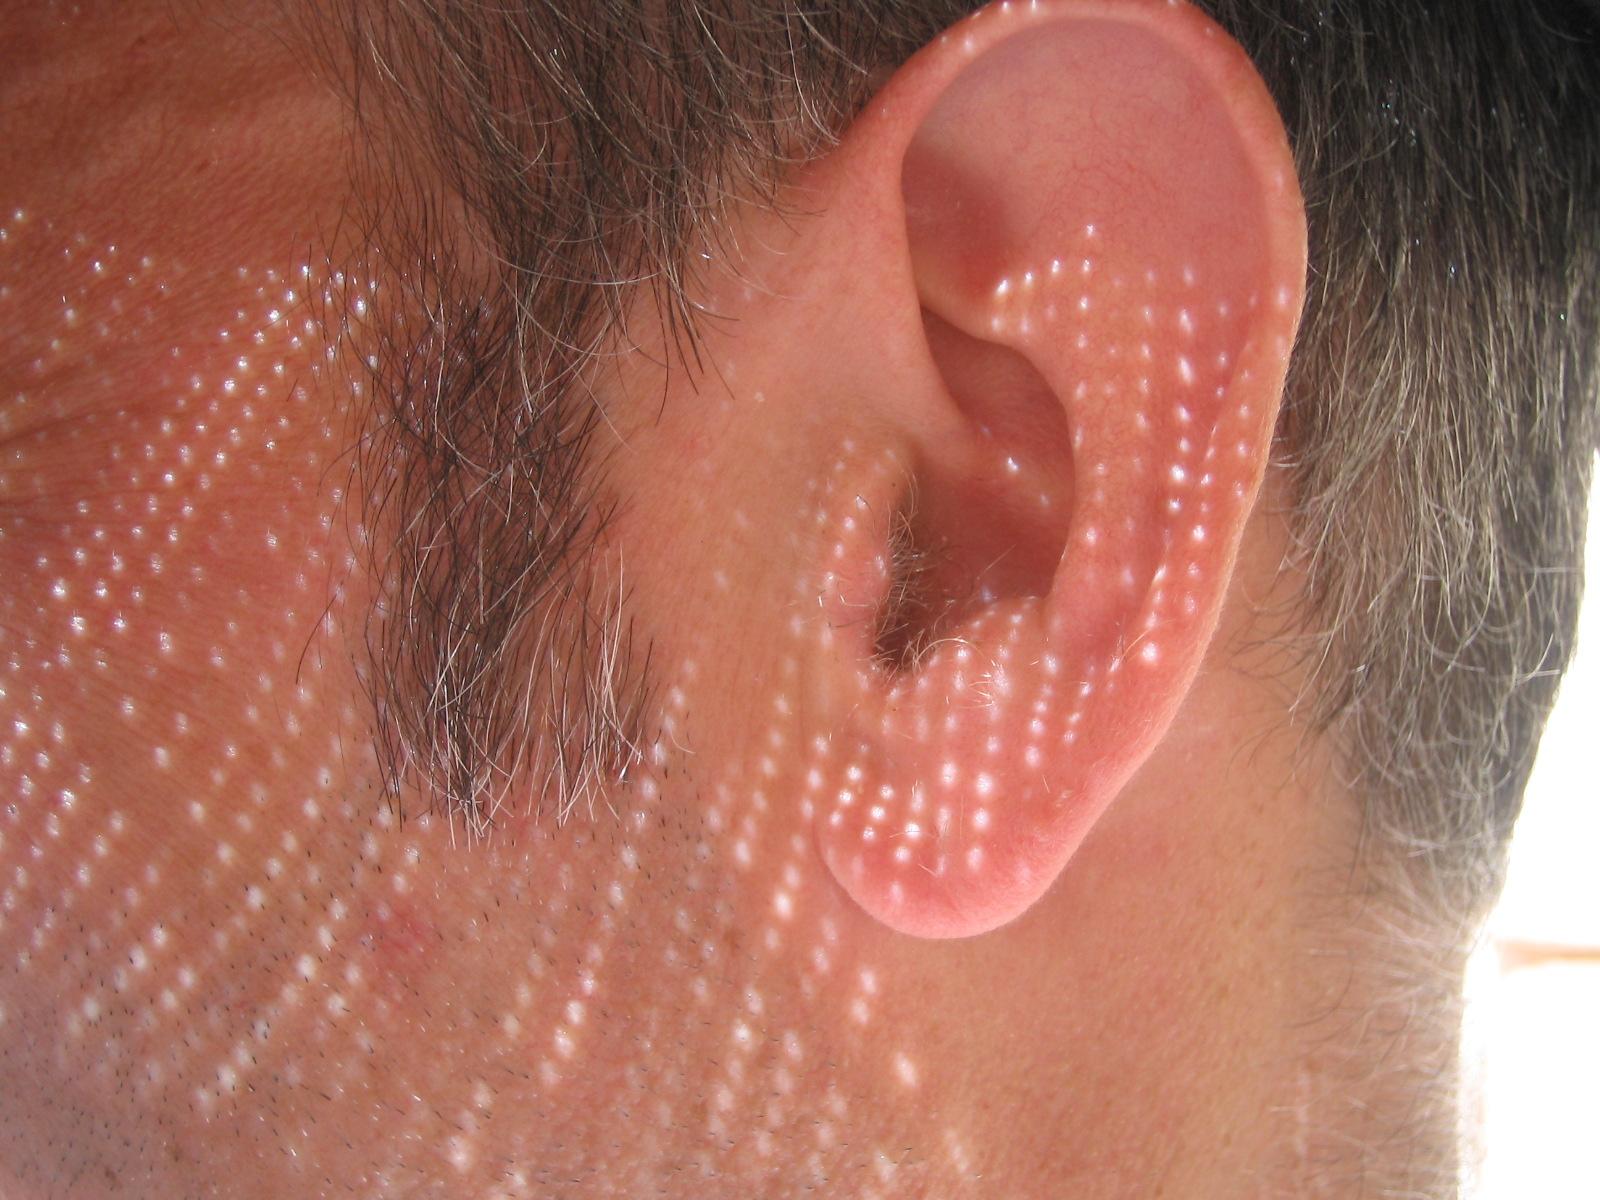 Zbliżenie męskiego ucha, widać też fragment włosów